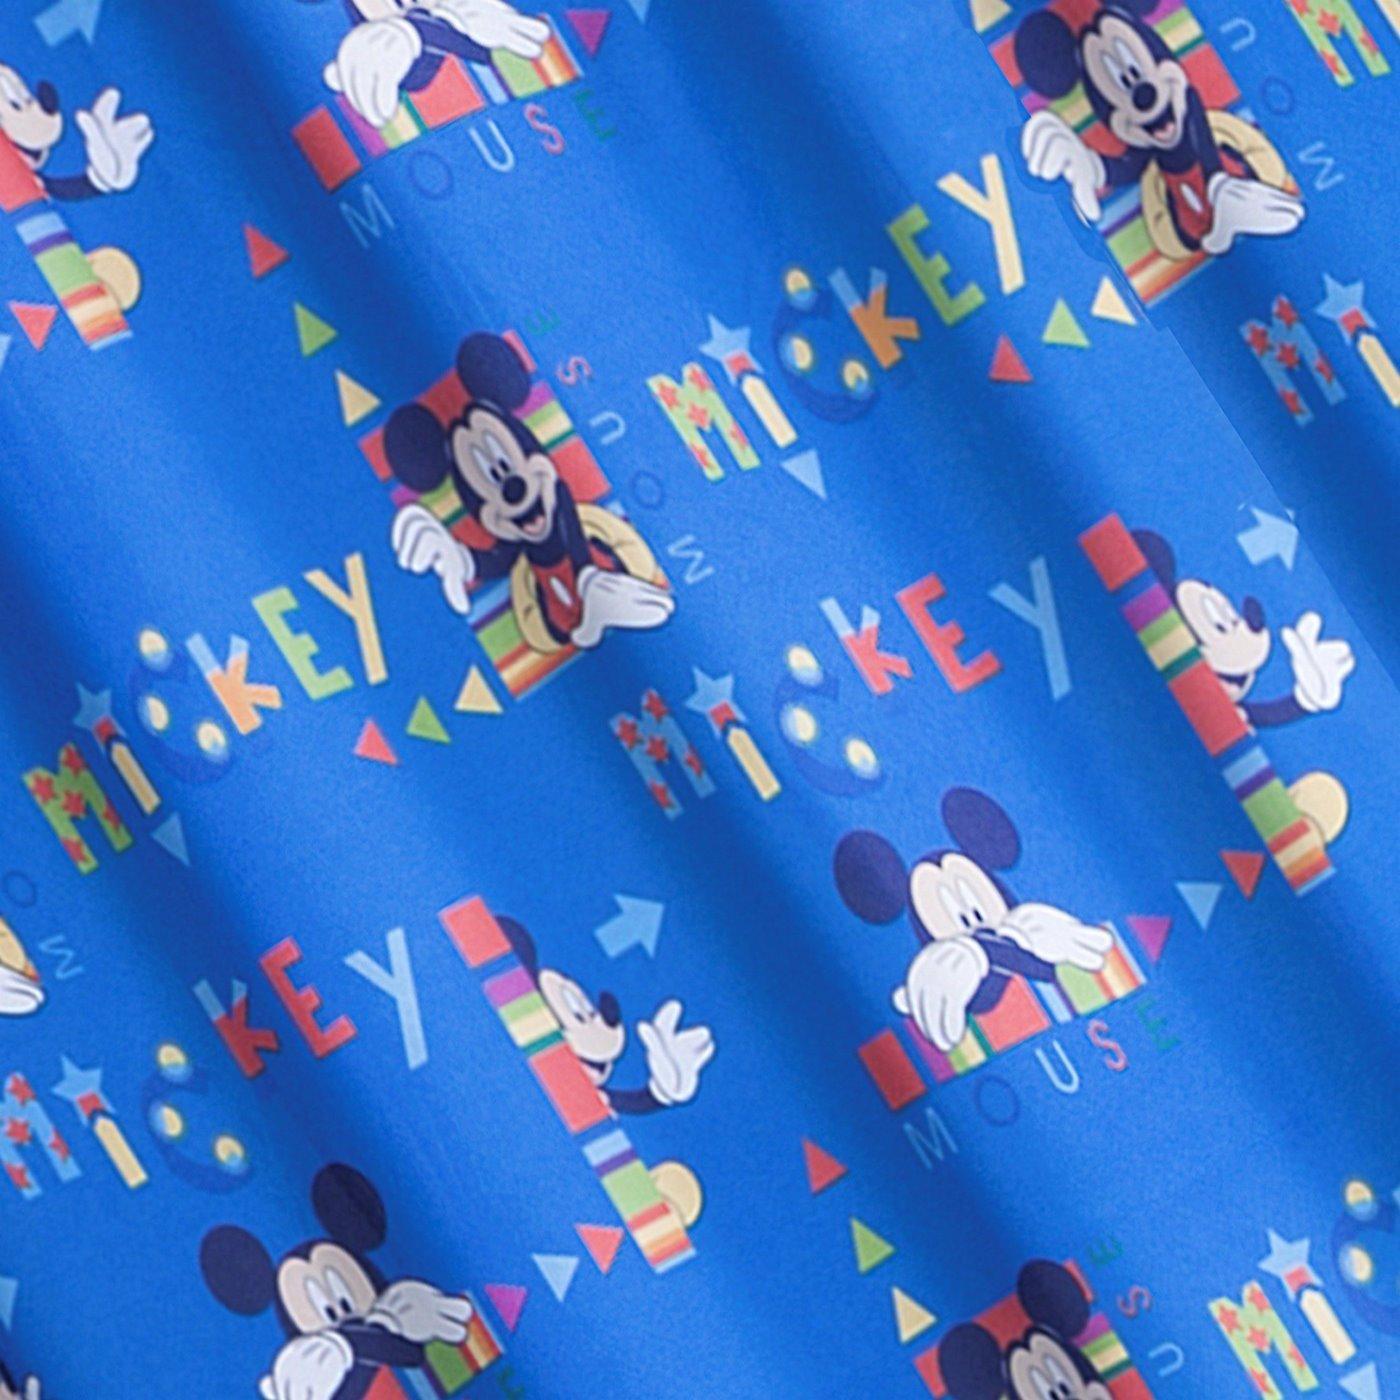 Niebieska zasłona dziecięca motyw myszki mickey 140x245 przelotki